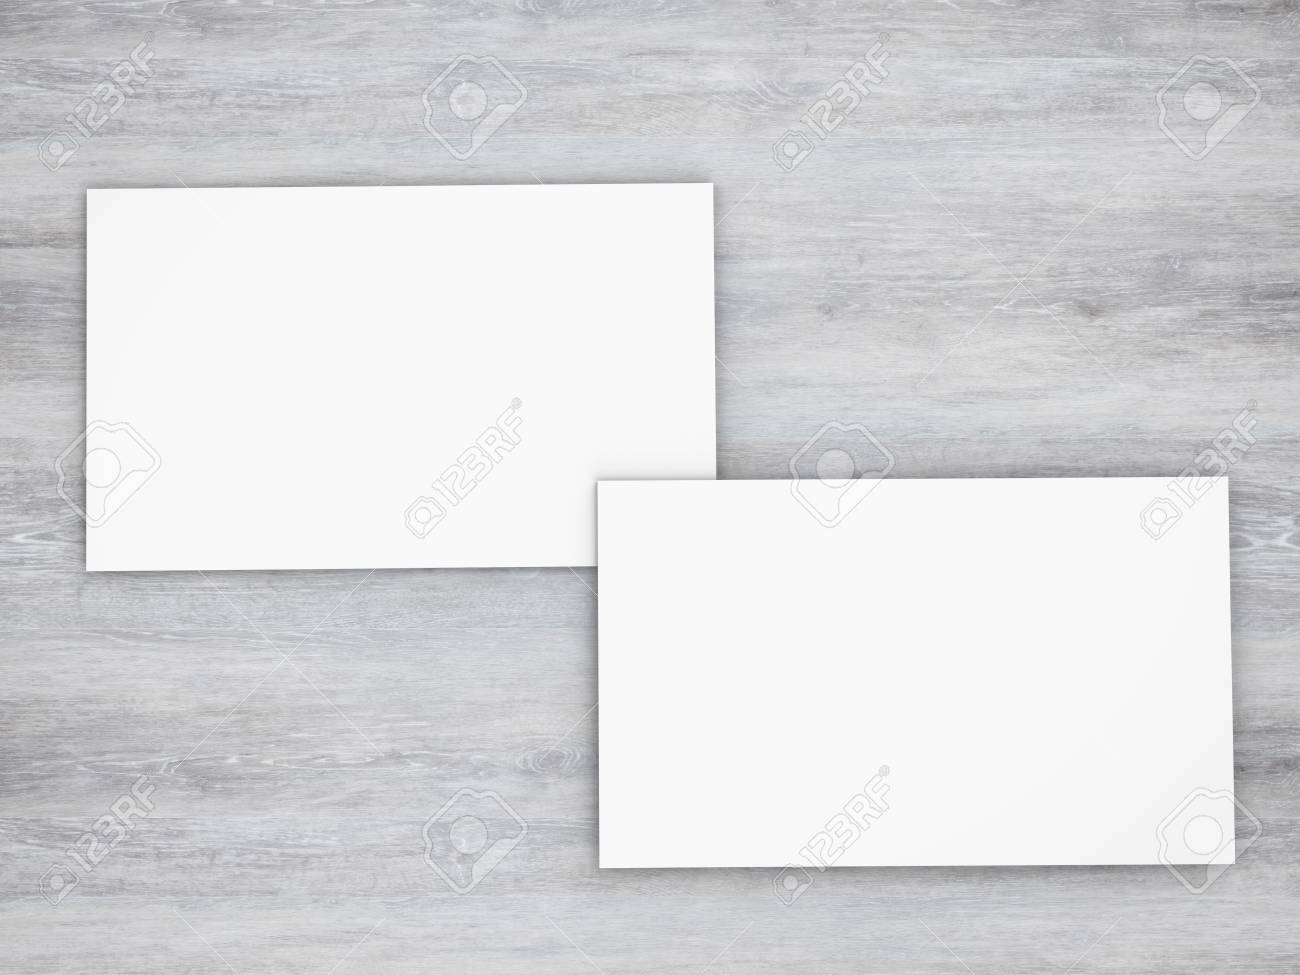 3d Rendering Blanc Cartes De Visite Blanche Avant Et Arriere Banque Dimages